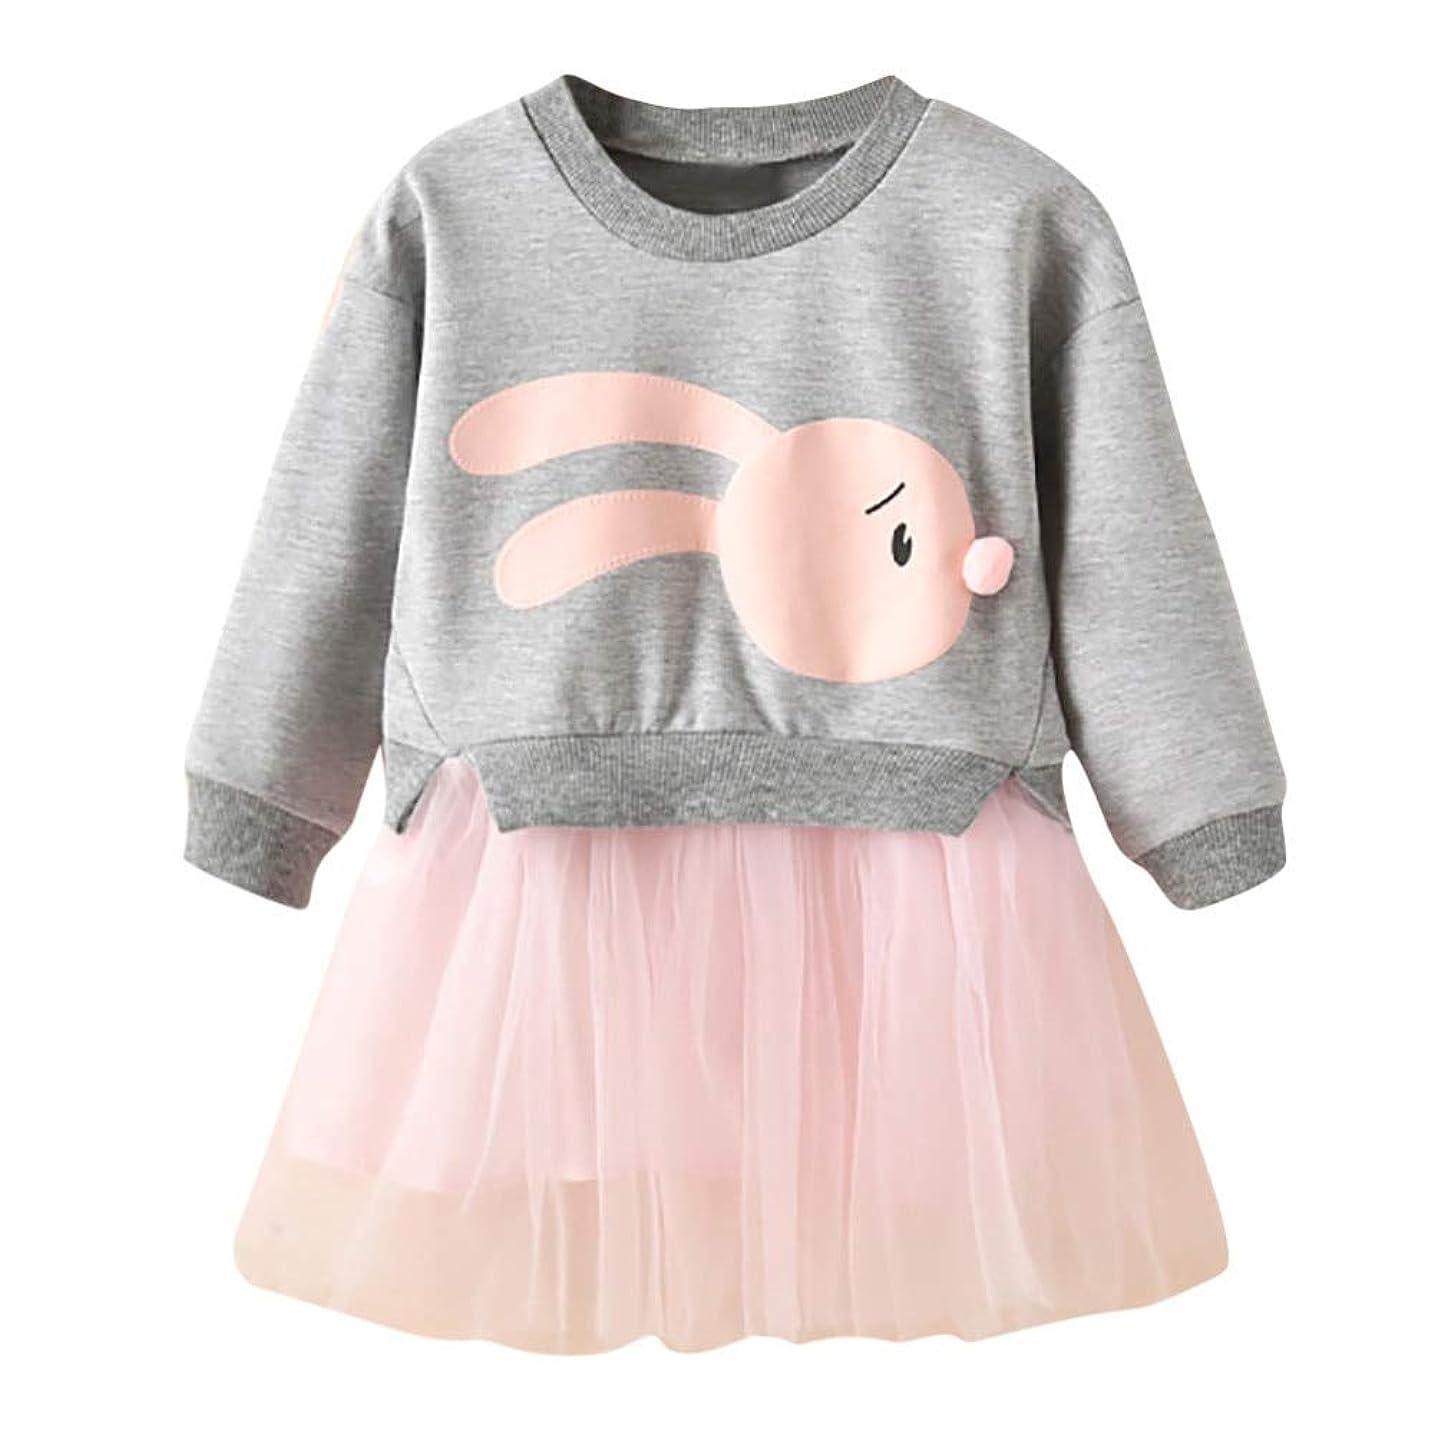 無駄な勇者割合Maxcrestas - 冬の子供服の女の赤ちゃんの漫画のバニープリンセスパッチワークトレーナーチュールドレス服roupaのinfantil